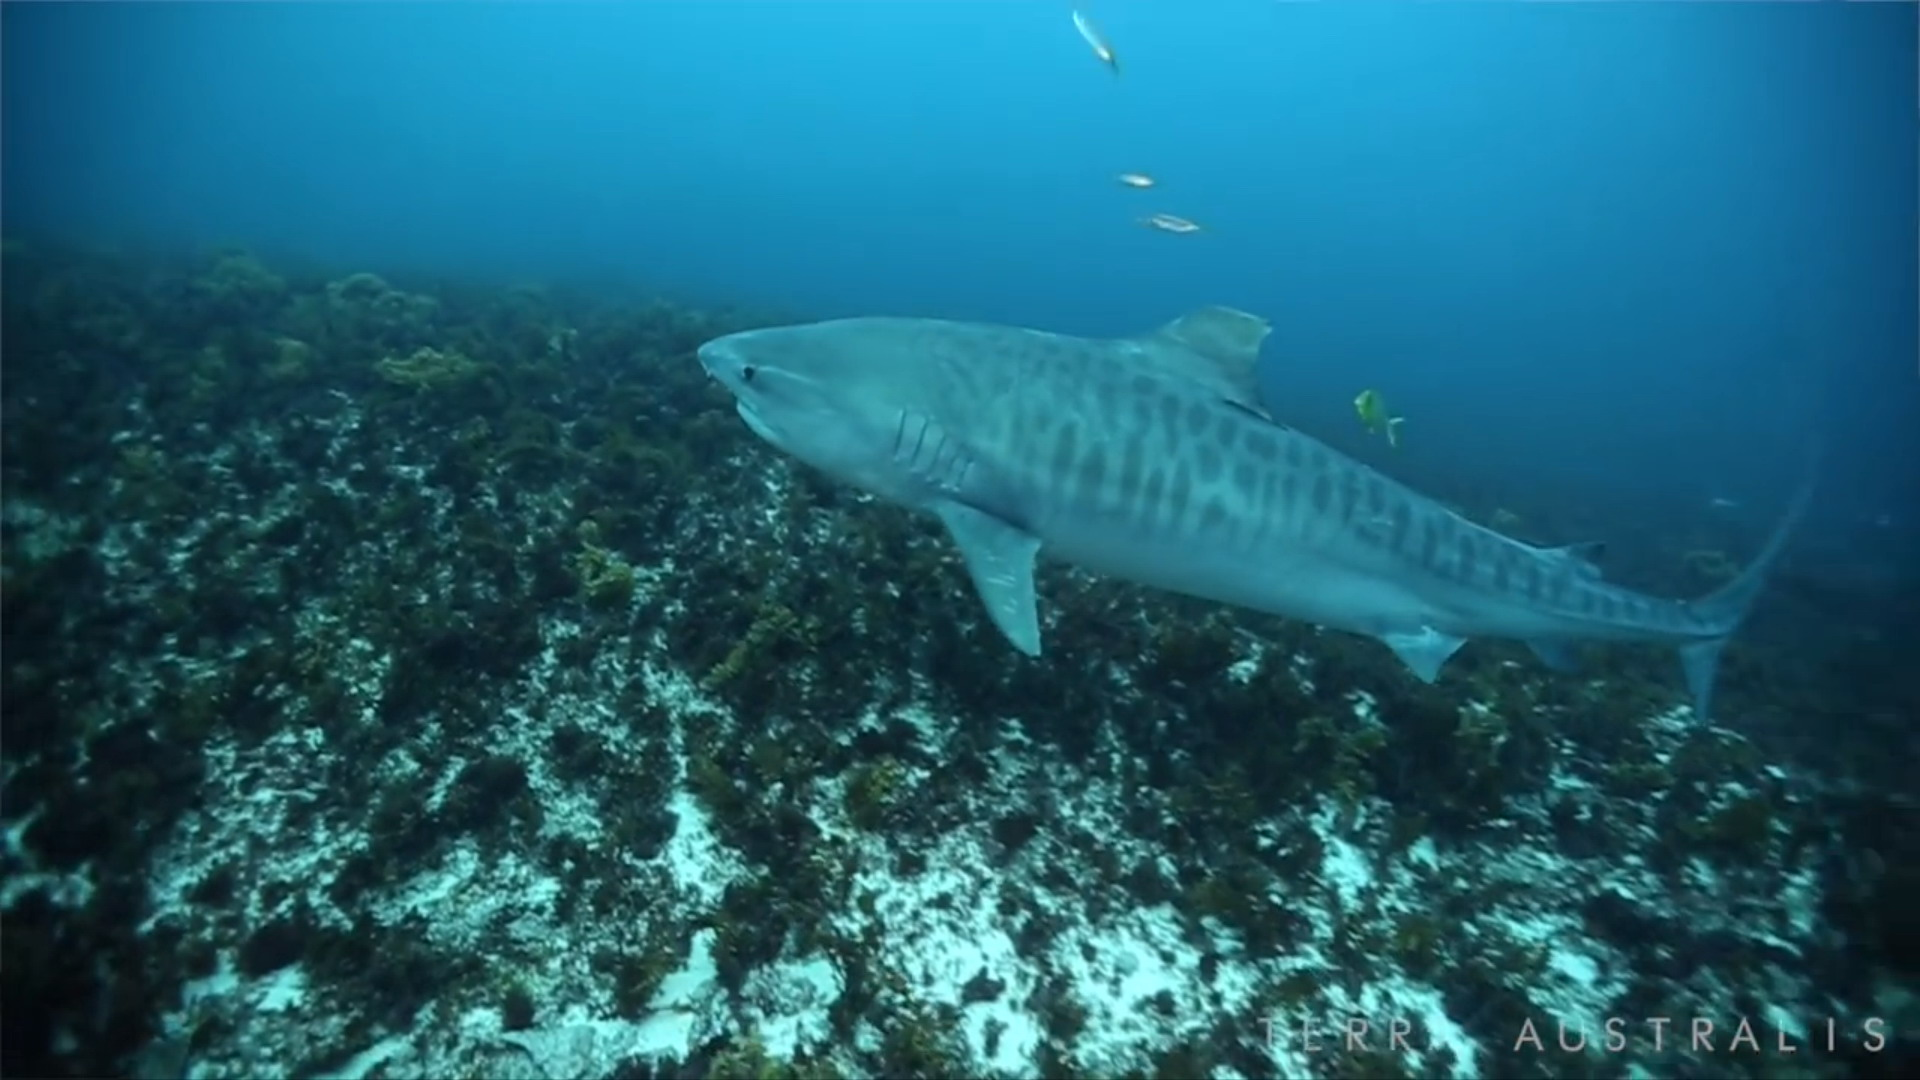 terra-australis-tiger-shark-0